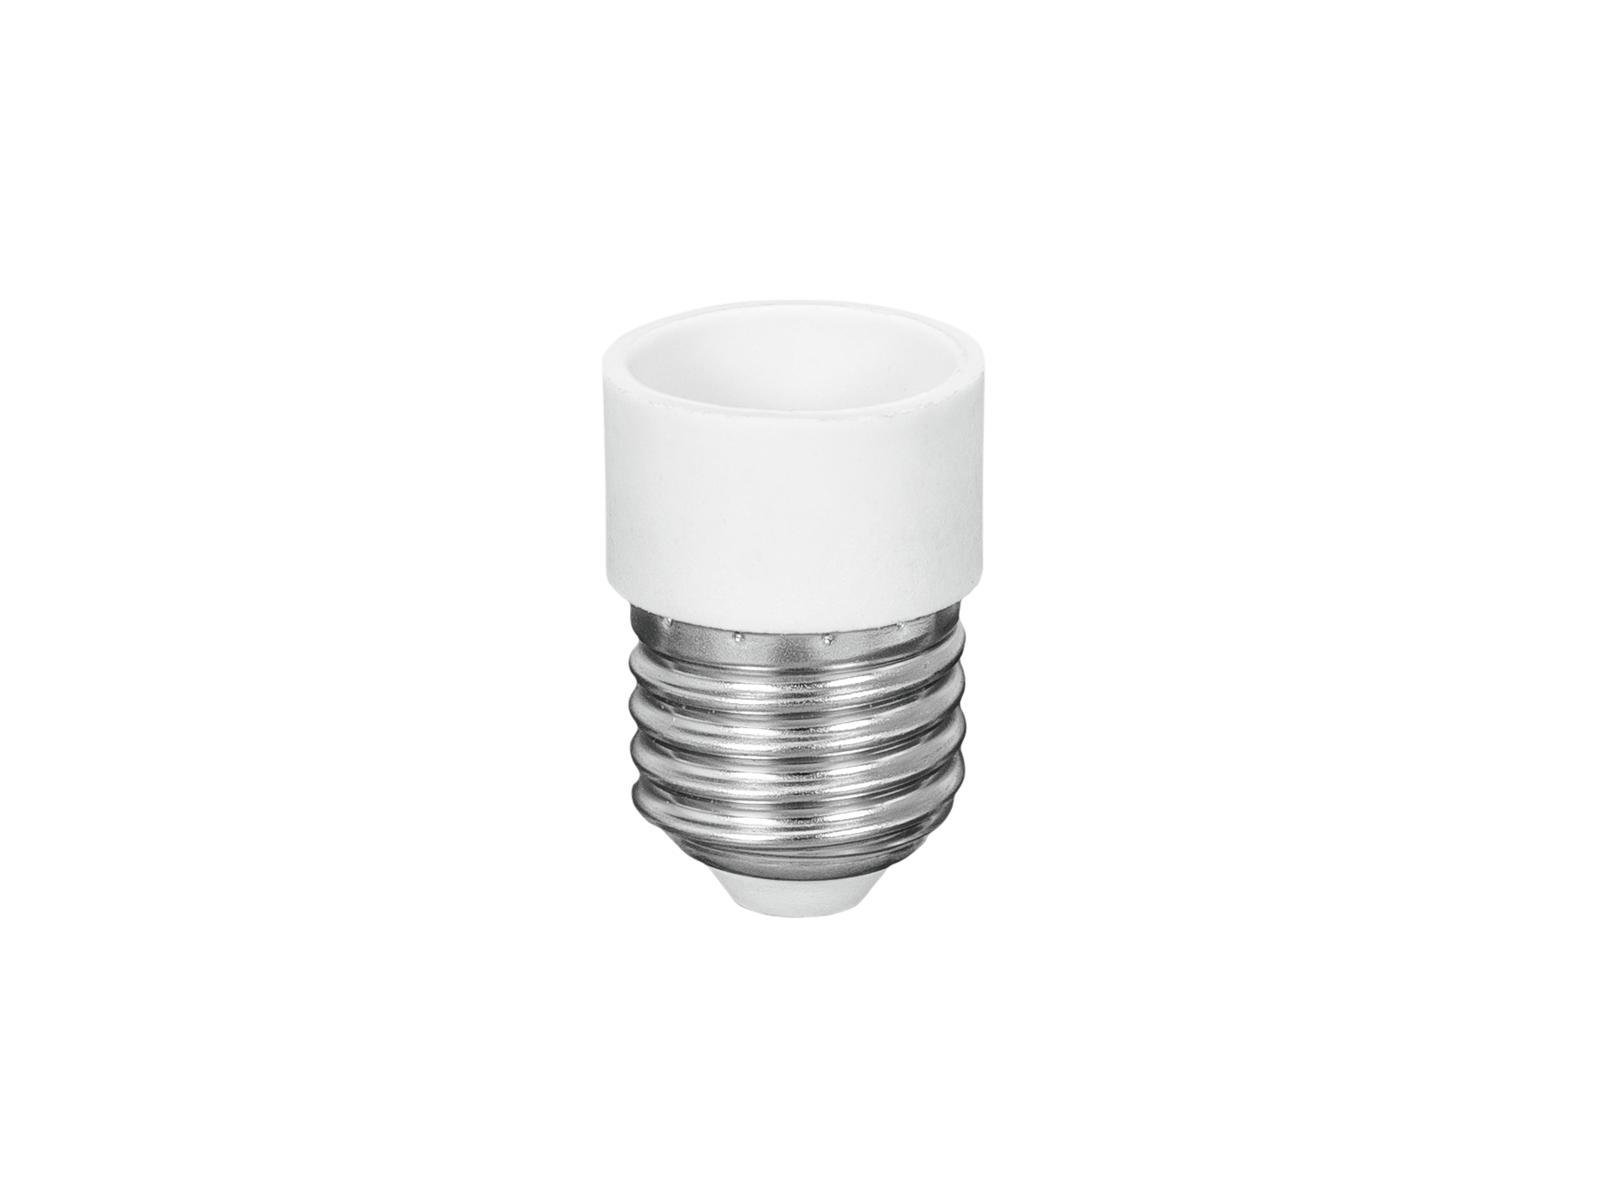 Eurolite adaptér patice E27/E14